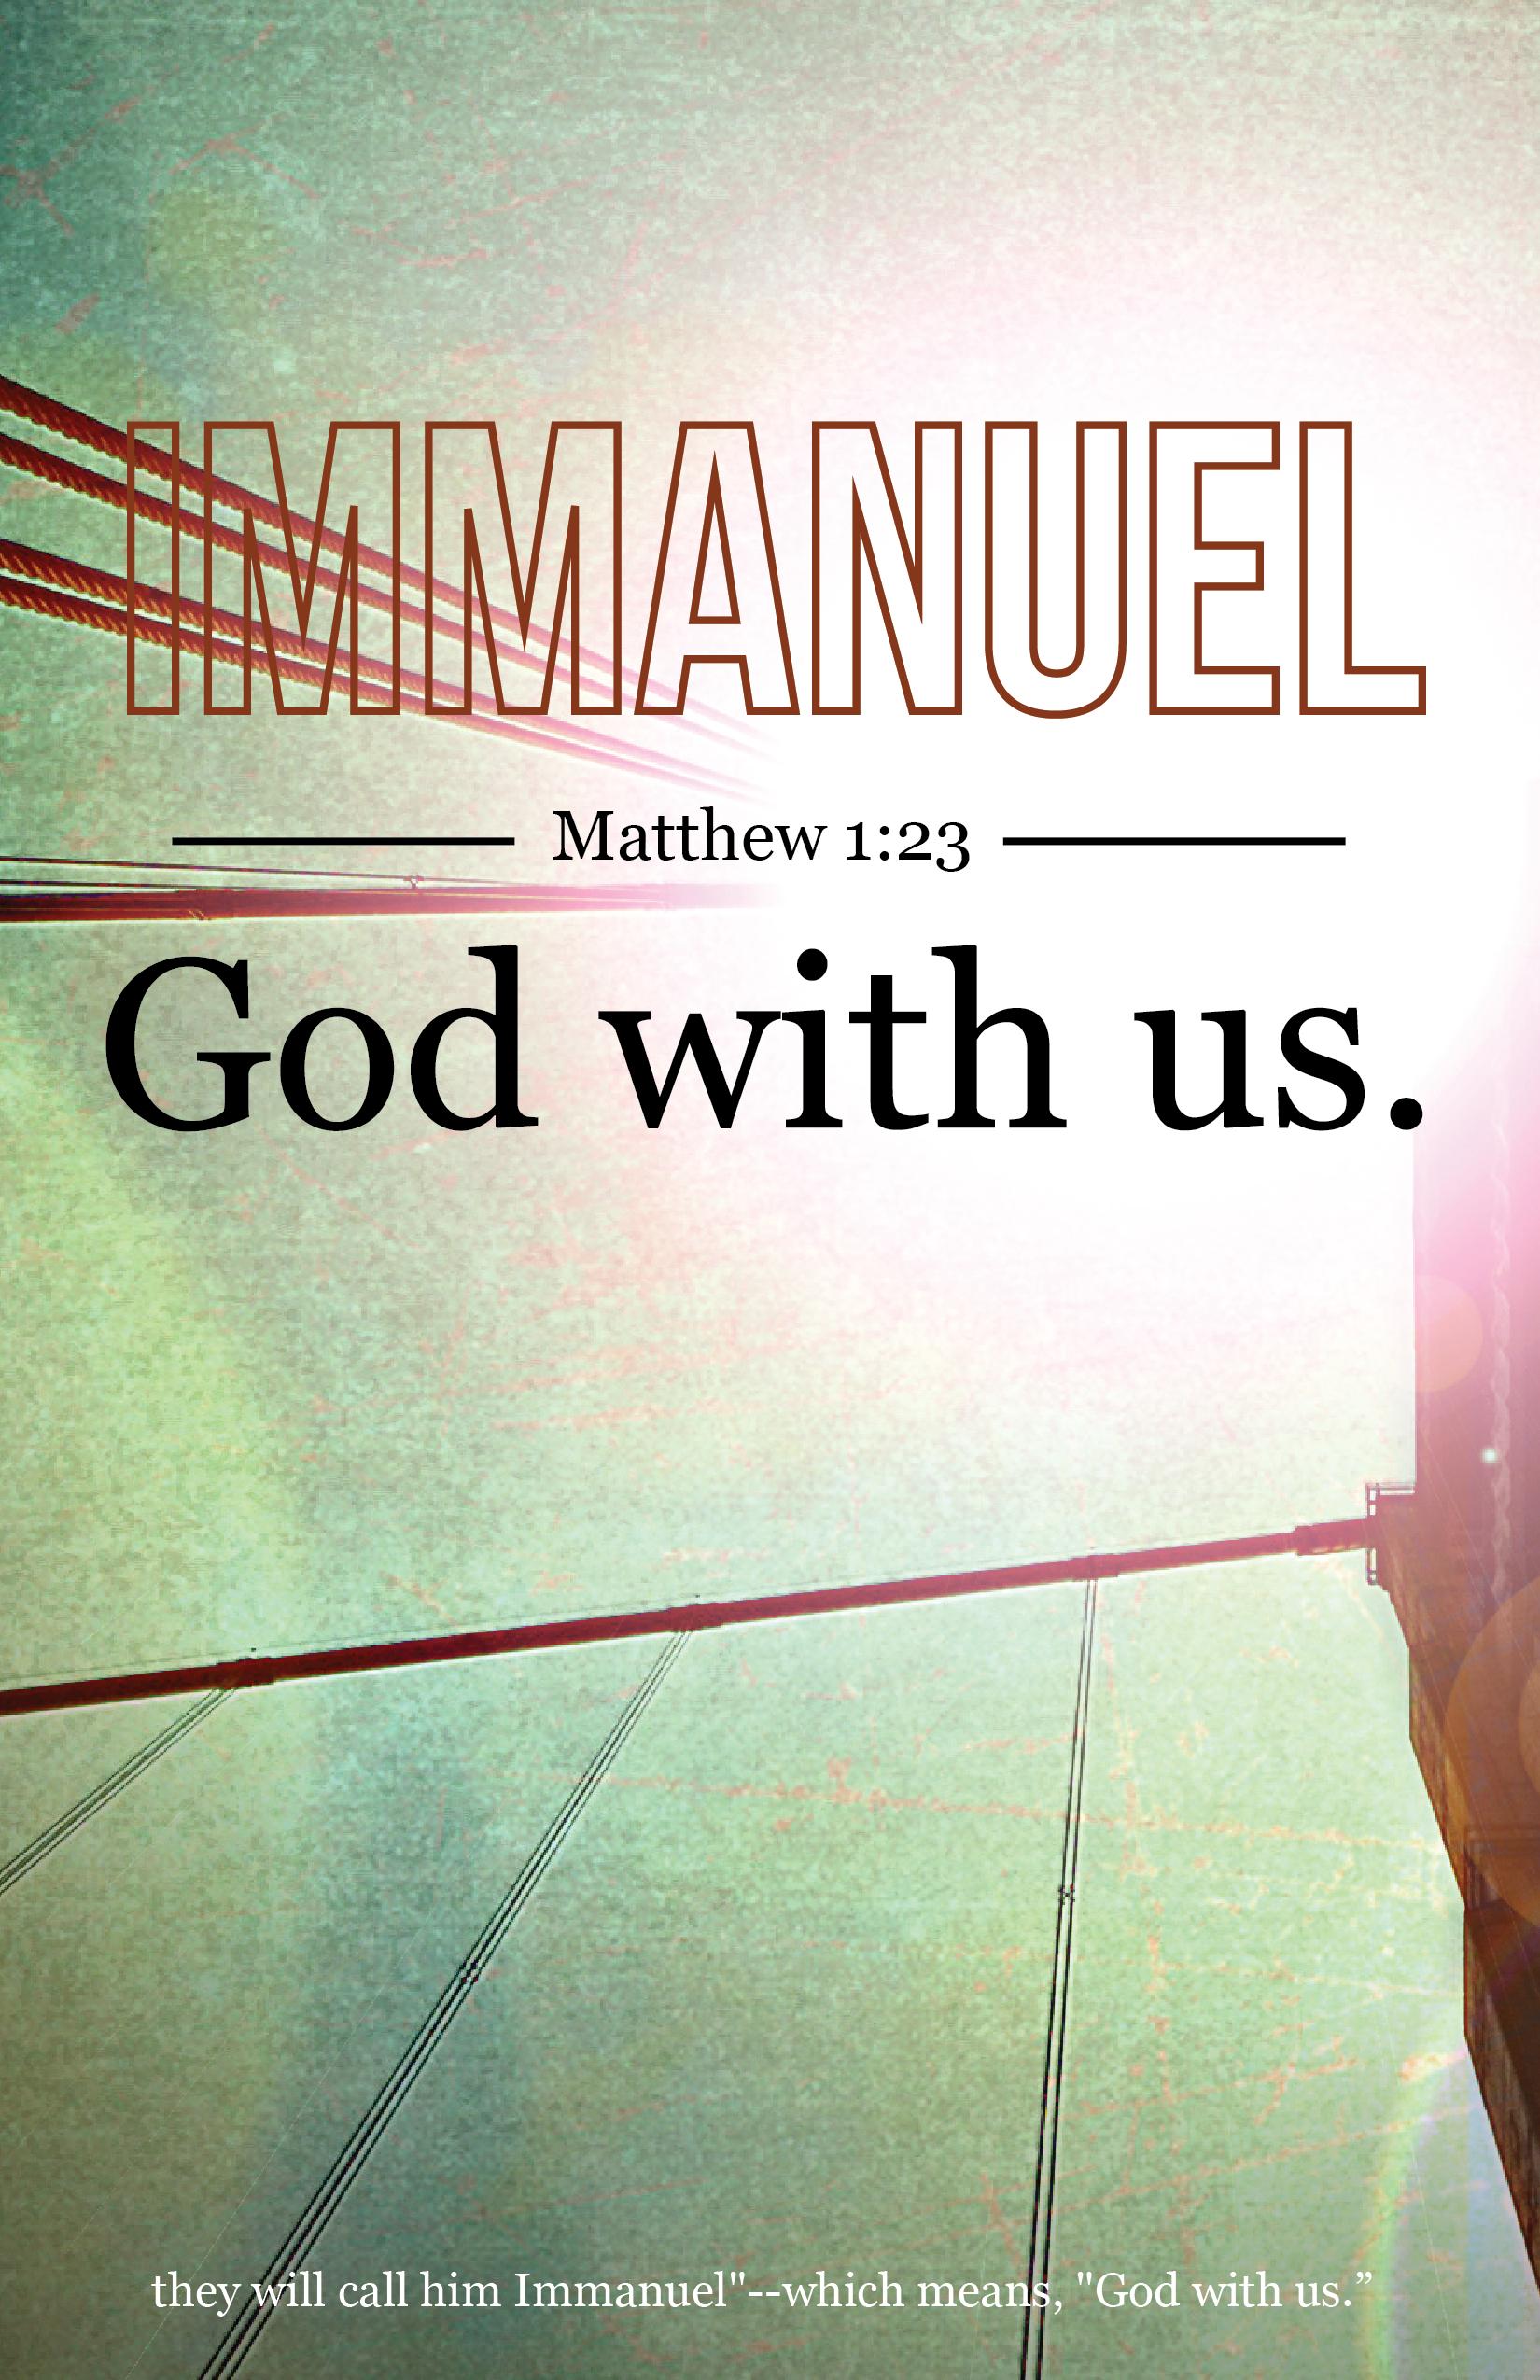 Church Bulletin Covers Clipart – 101 Clip Art - Free Printable Church Bulletin Covers